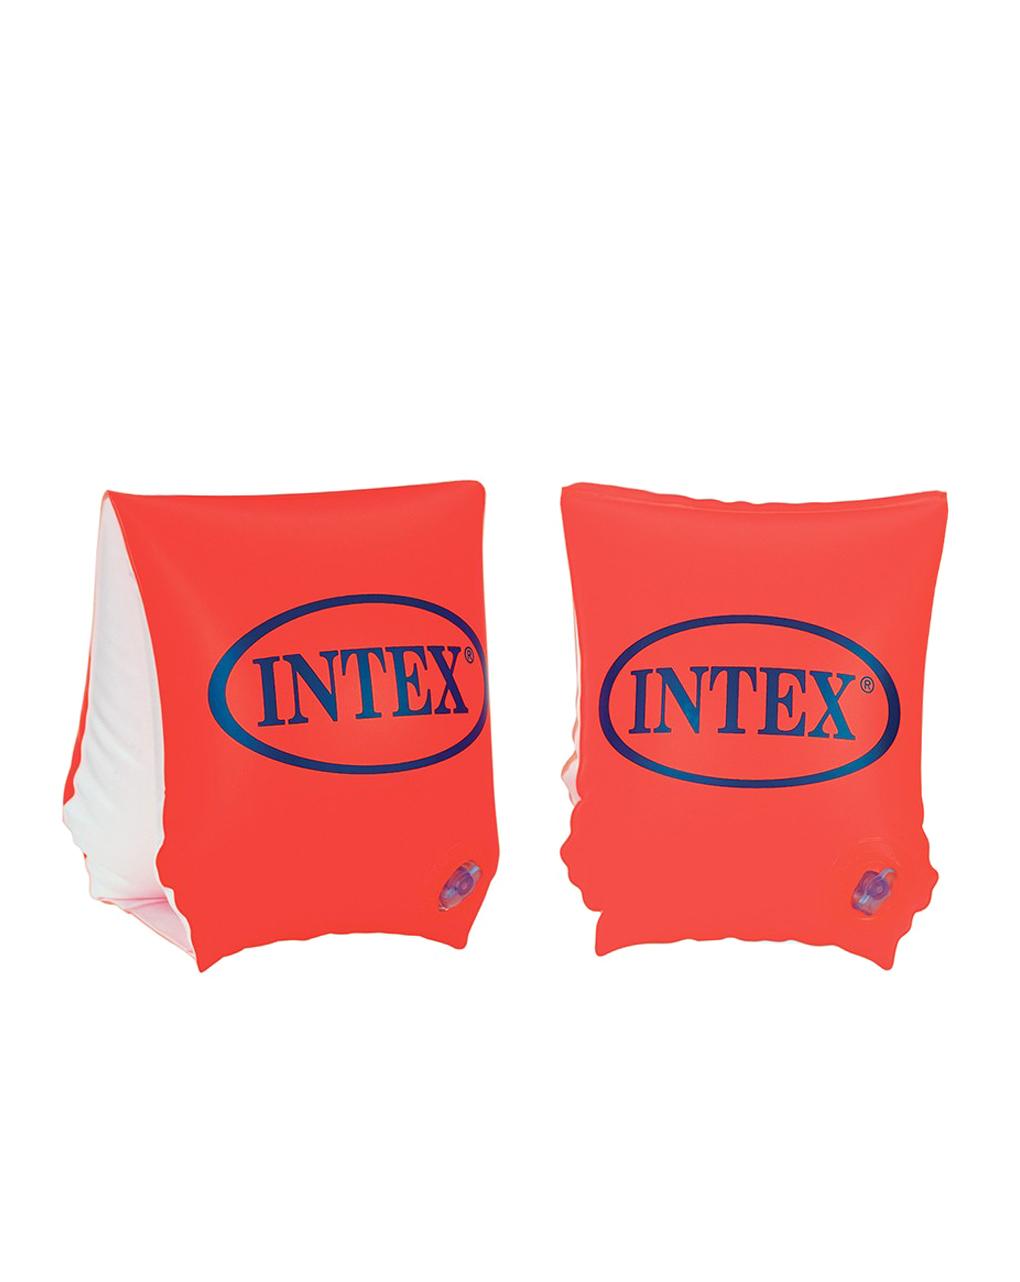 Apoios de braço deluxe 30x15 - Intex